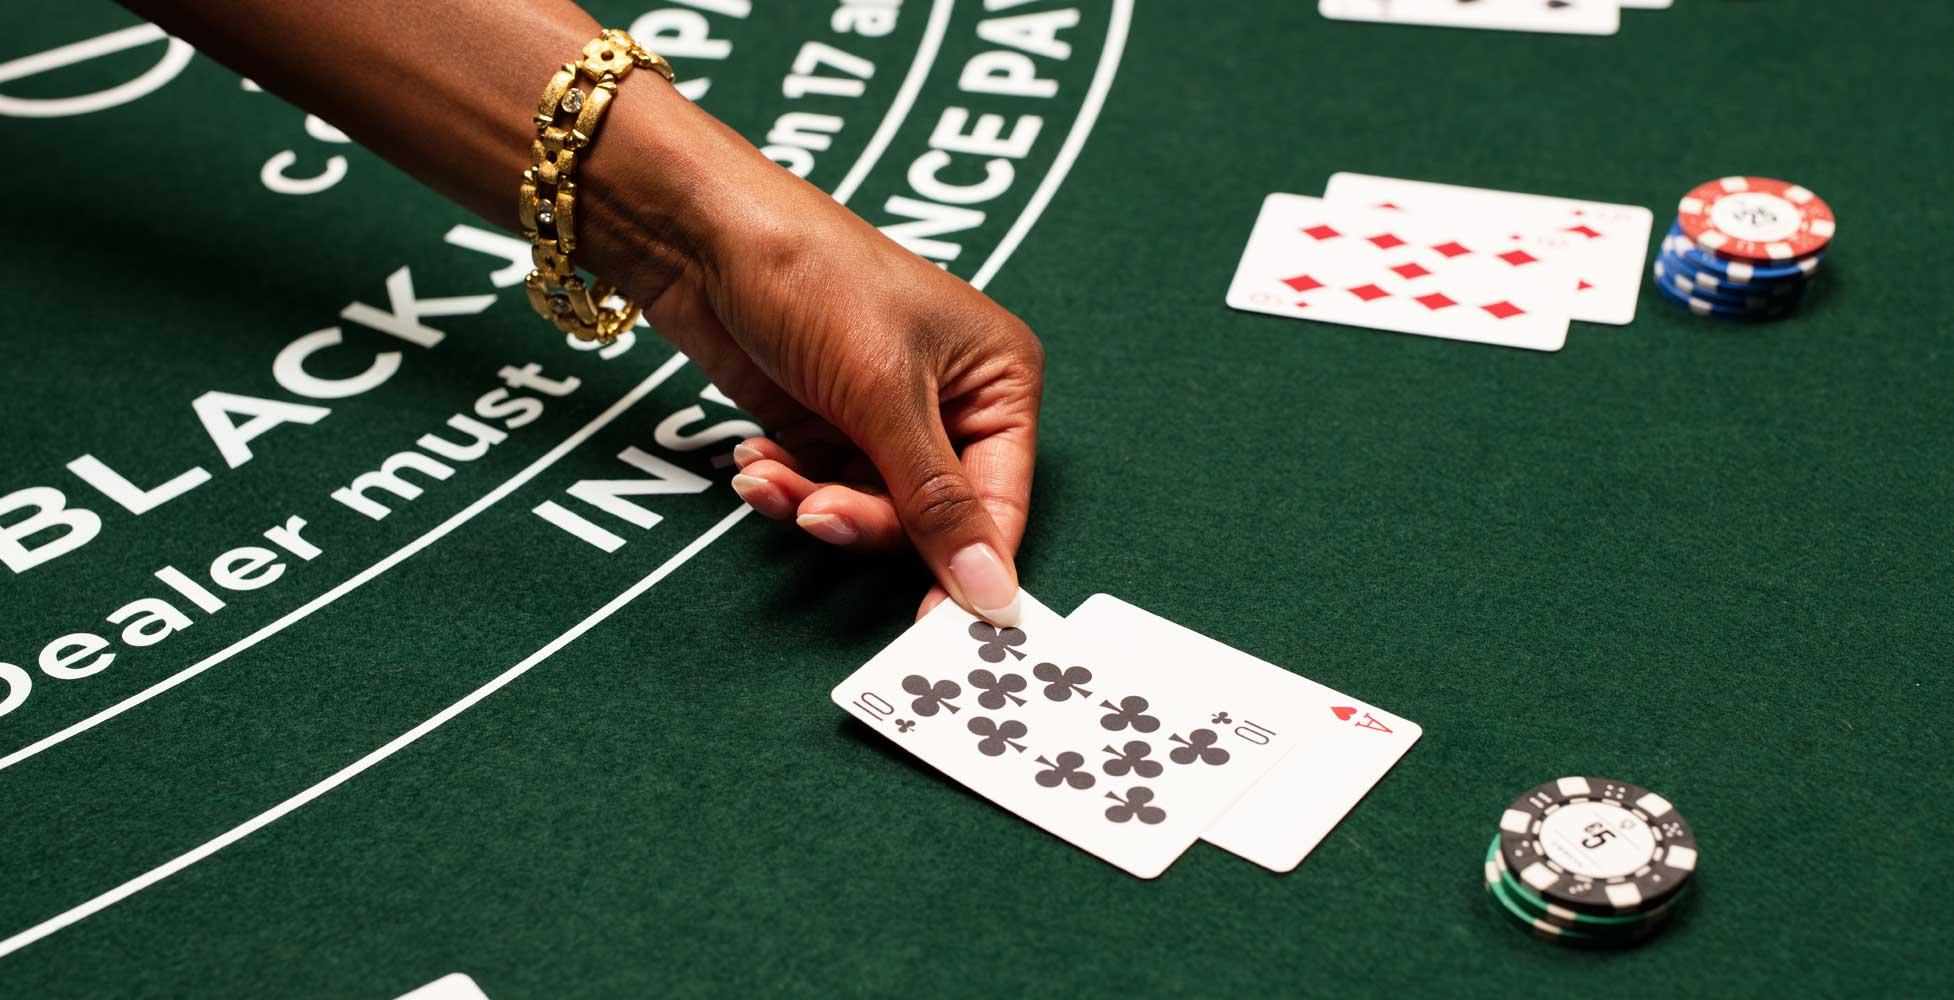 Jouer au blackjack en ligne en toute sécurité